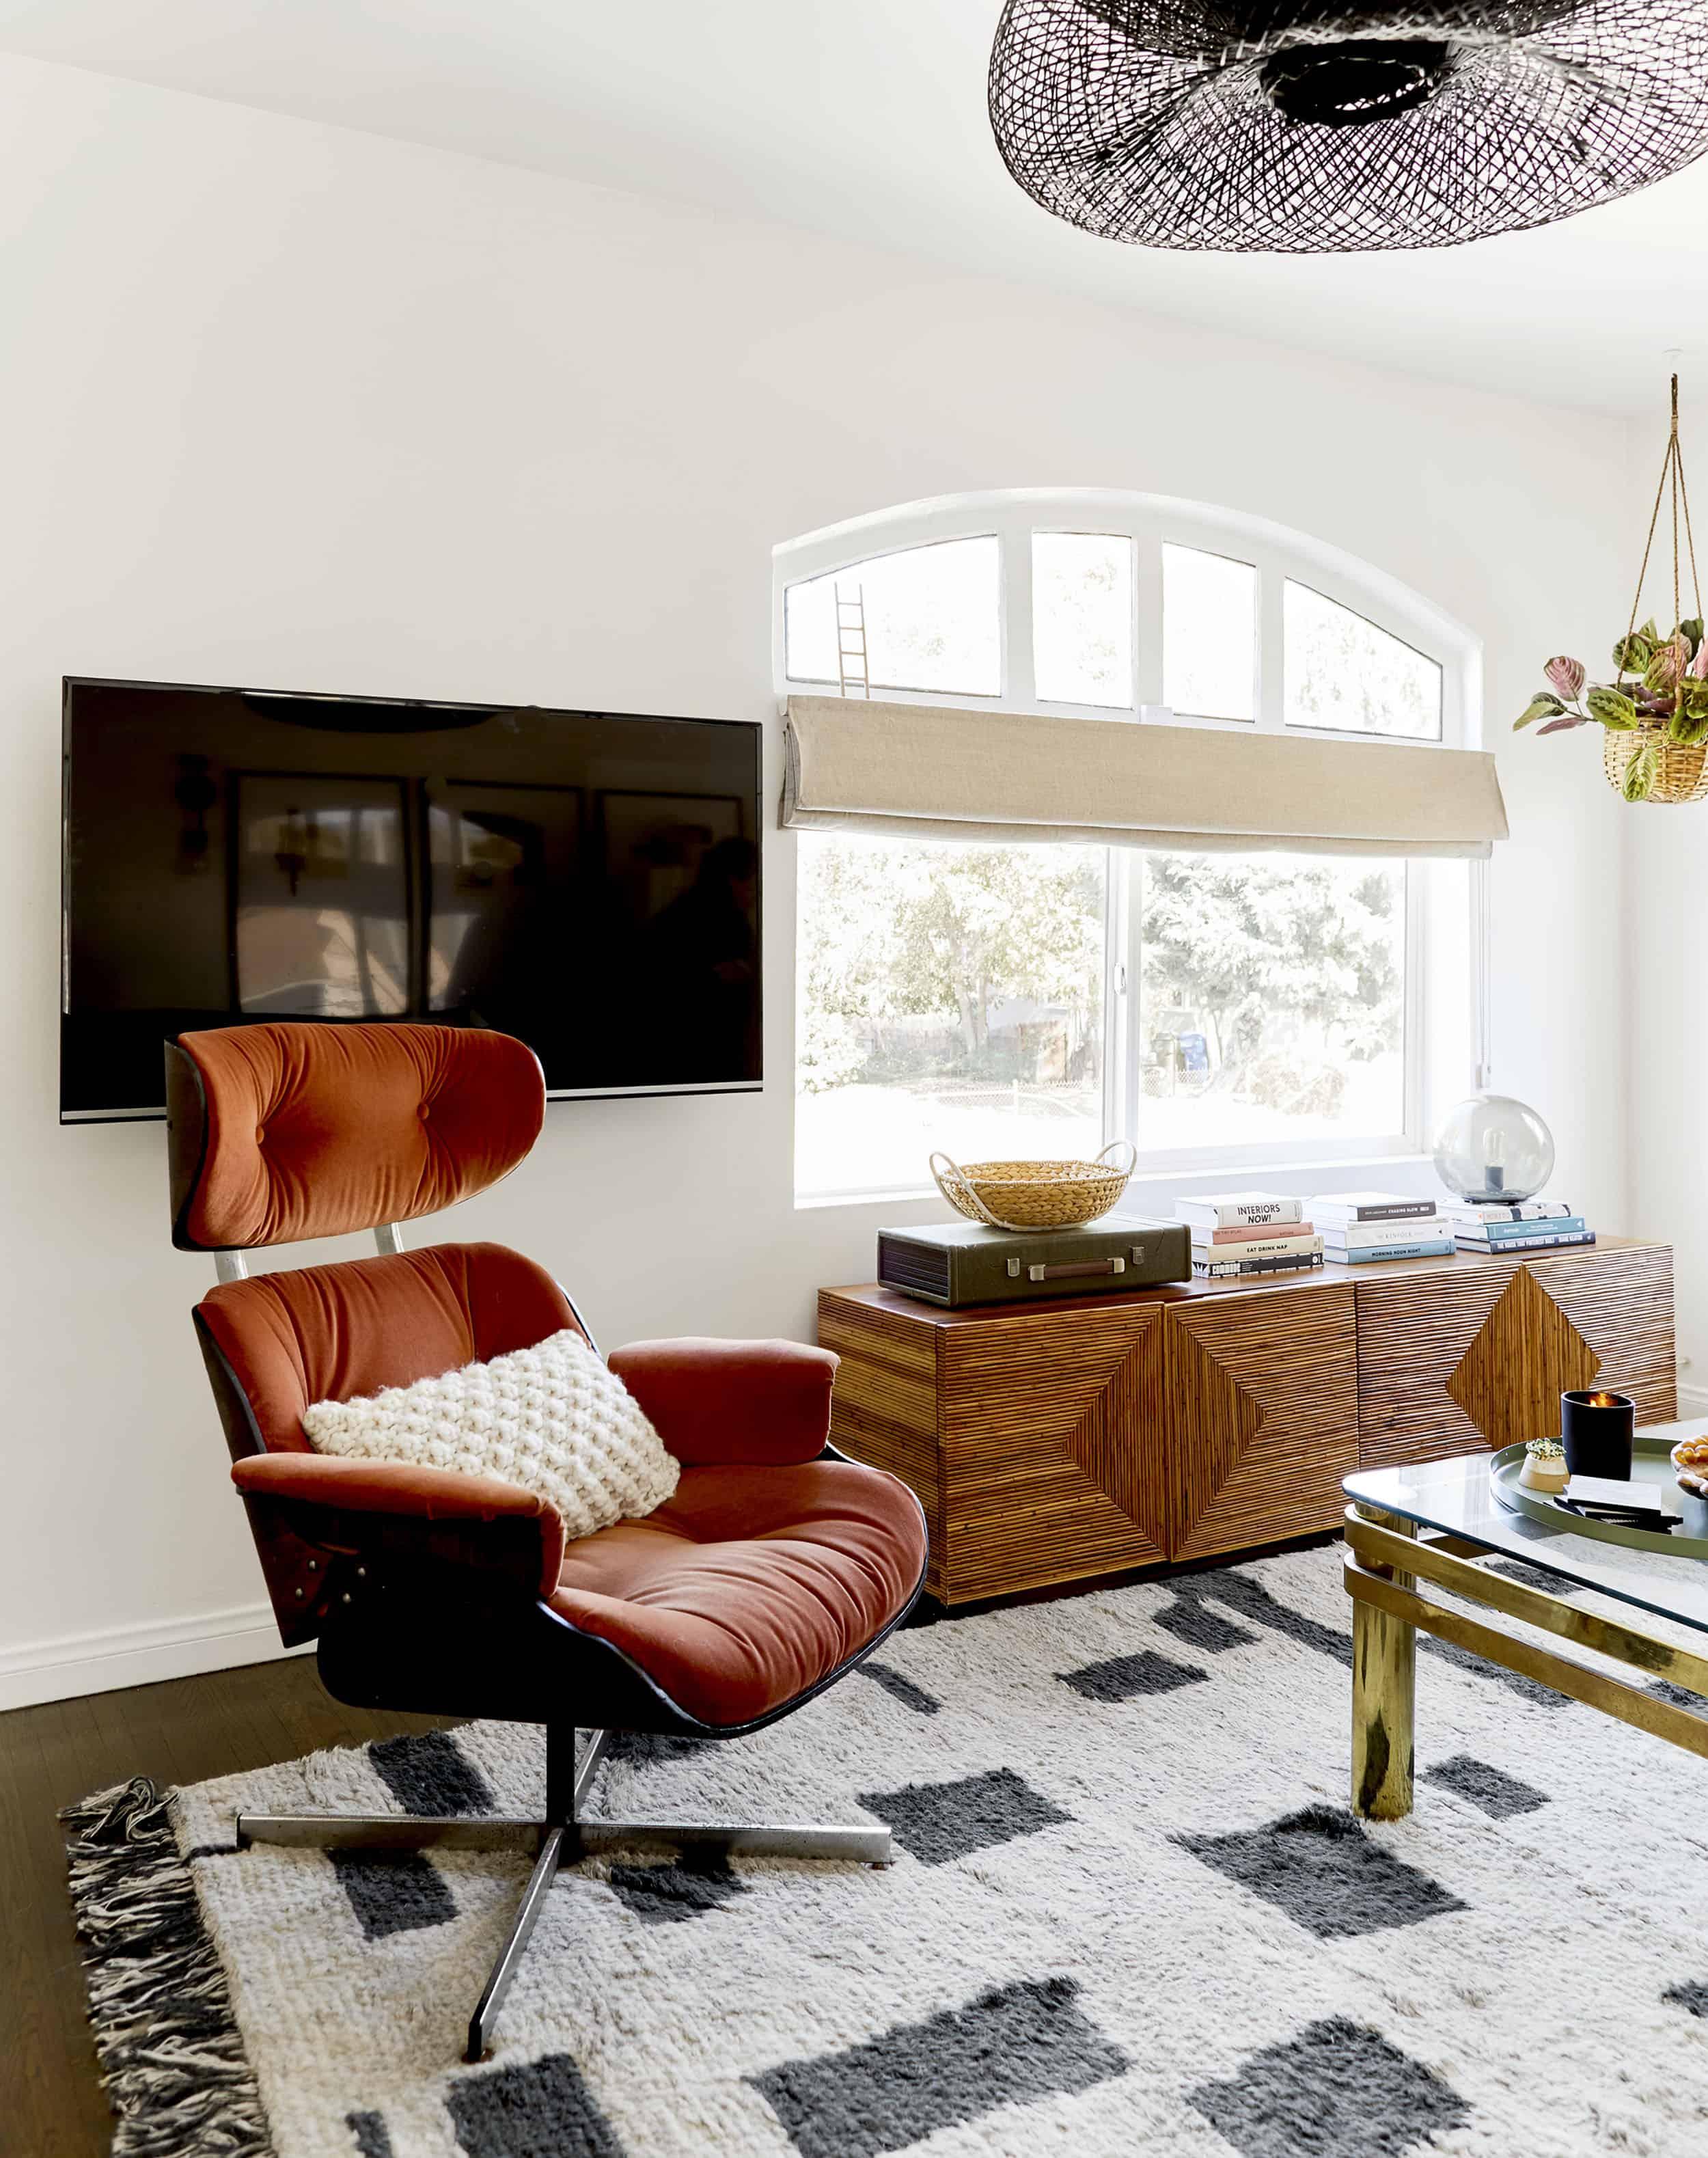 Emilybowserdiningroomlivingroom12